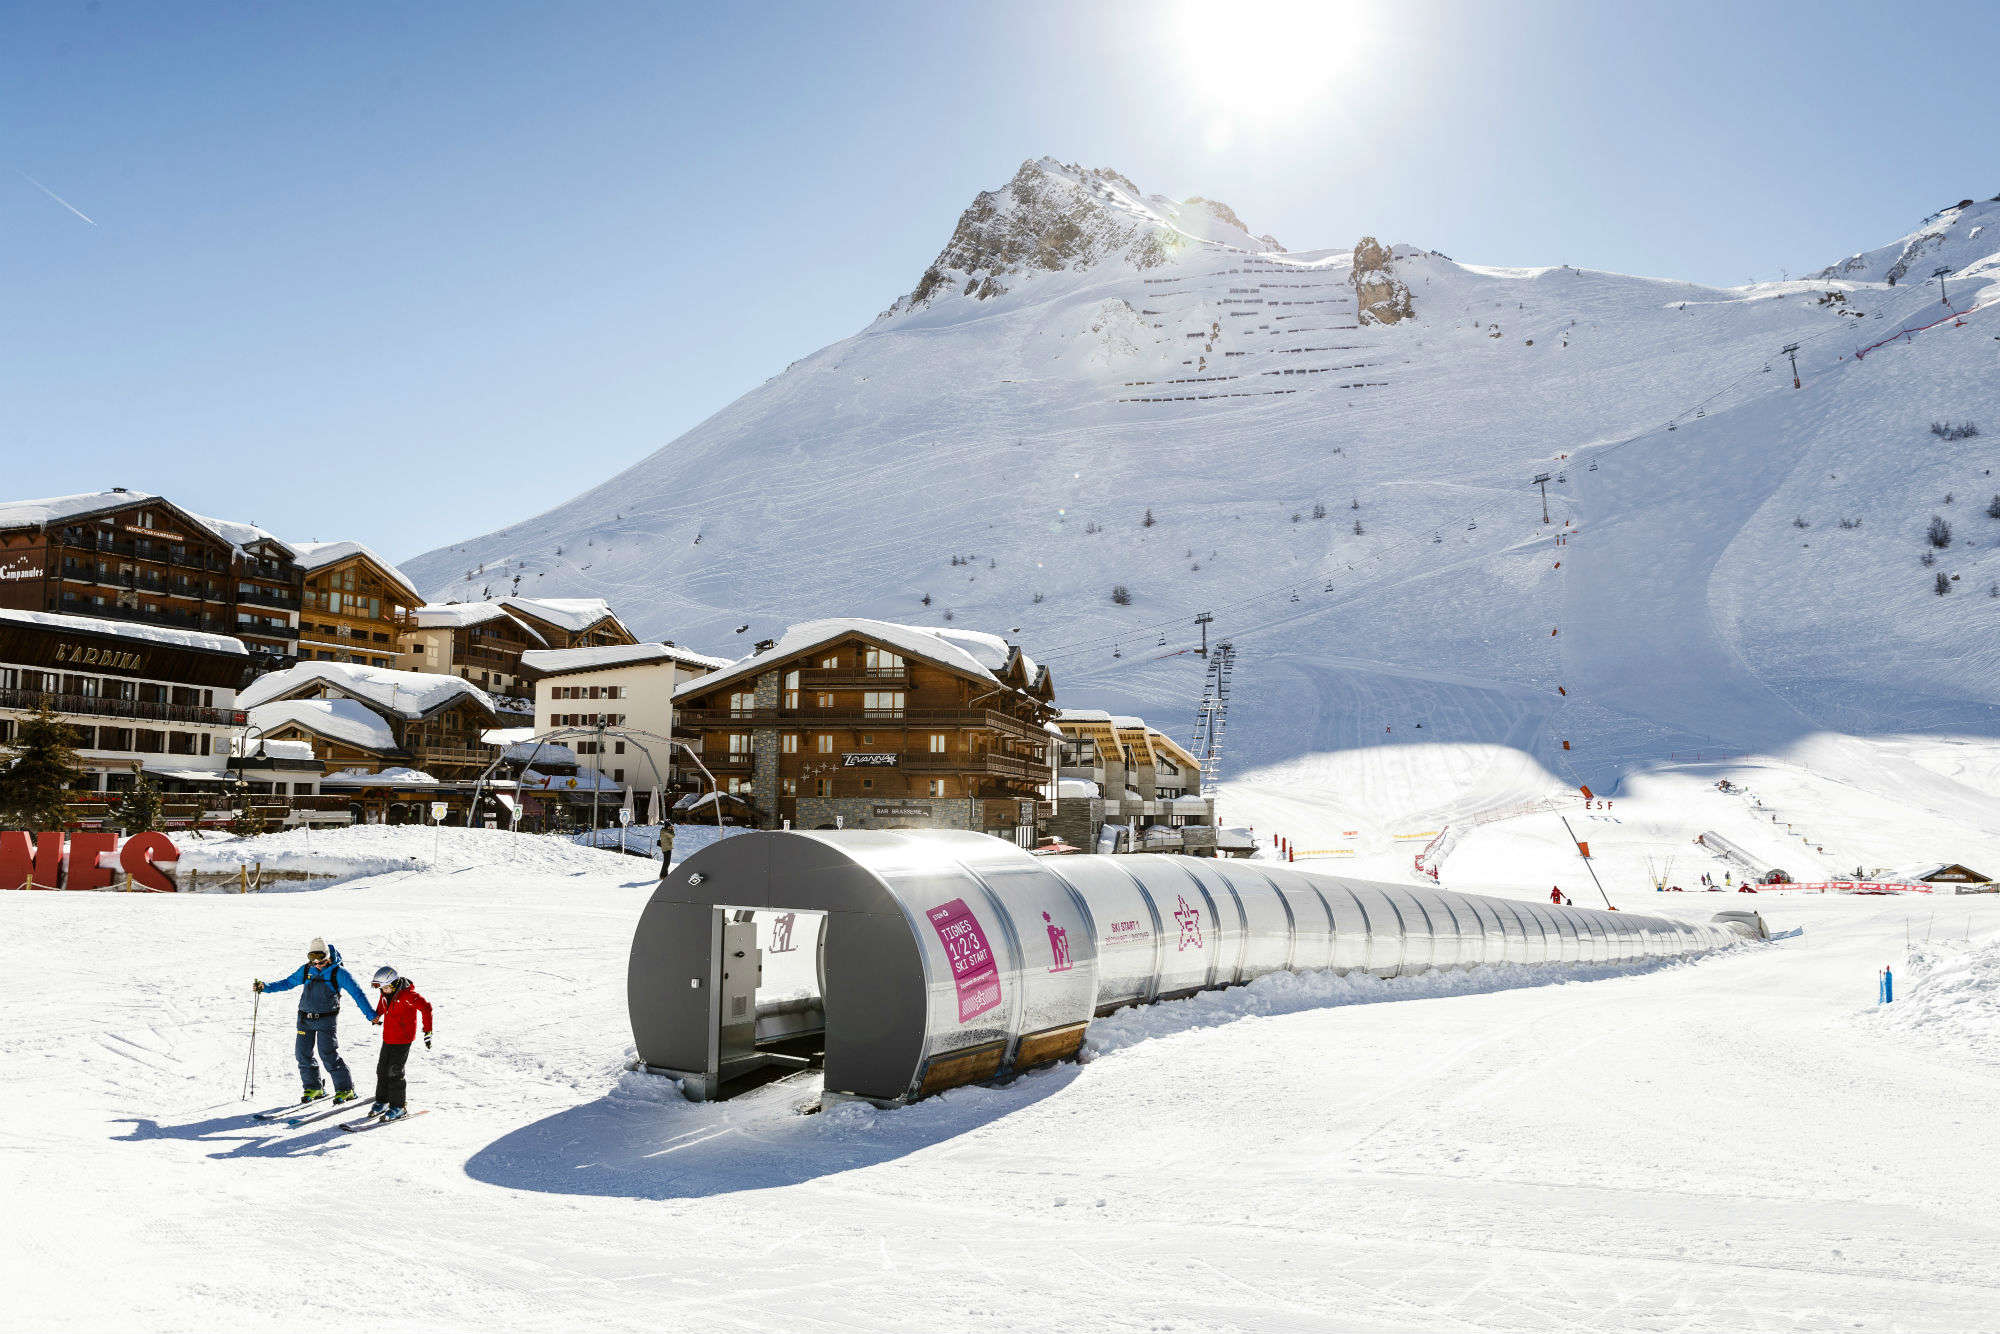 Deux skieurs devant un tapis roulant dans une zone débutants à Tignes.